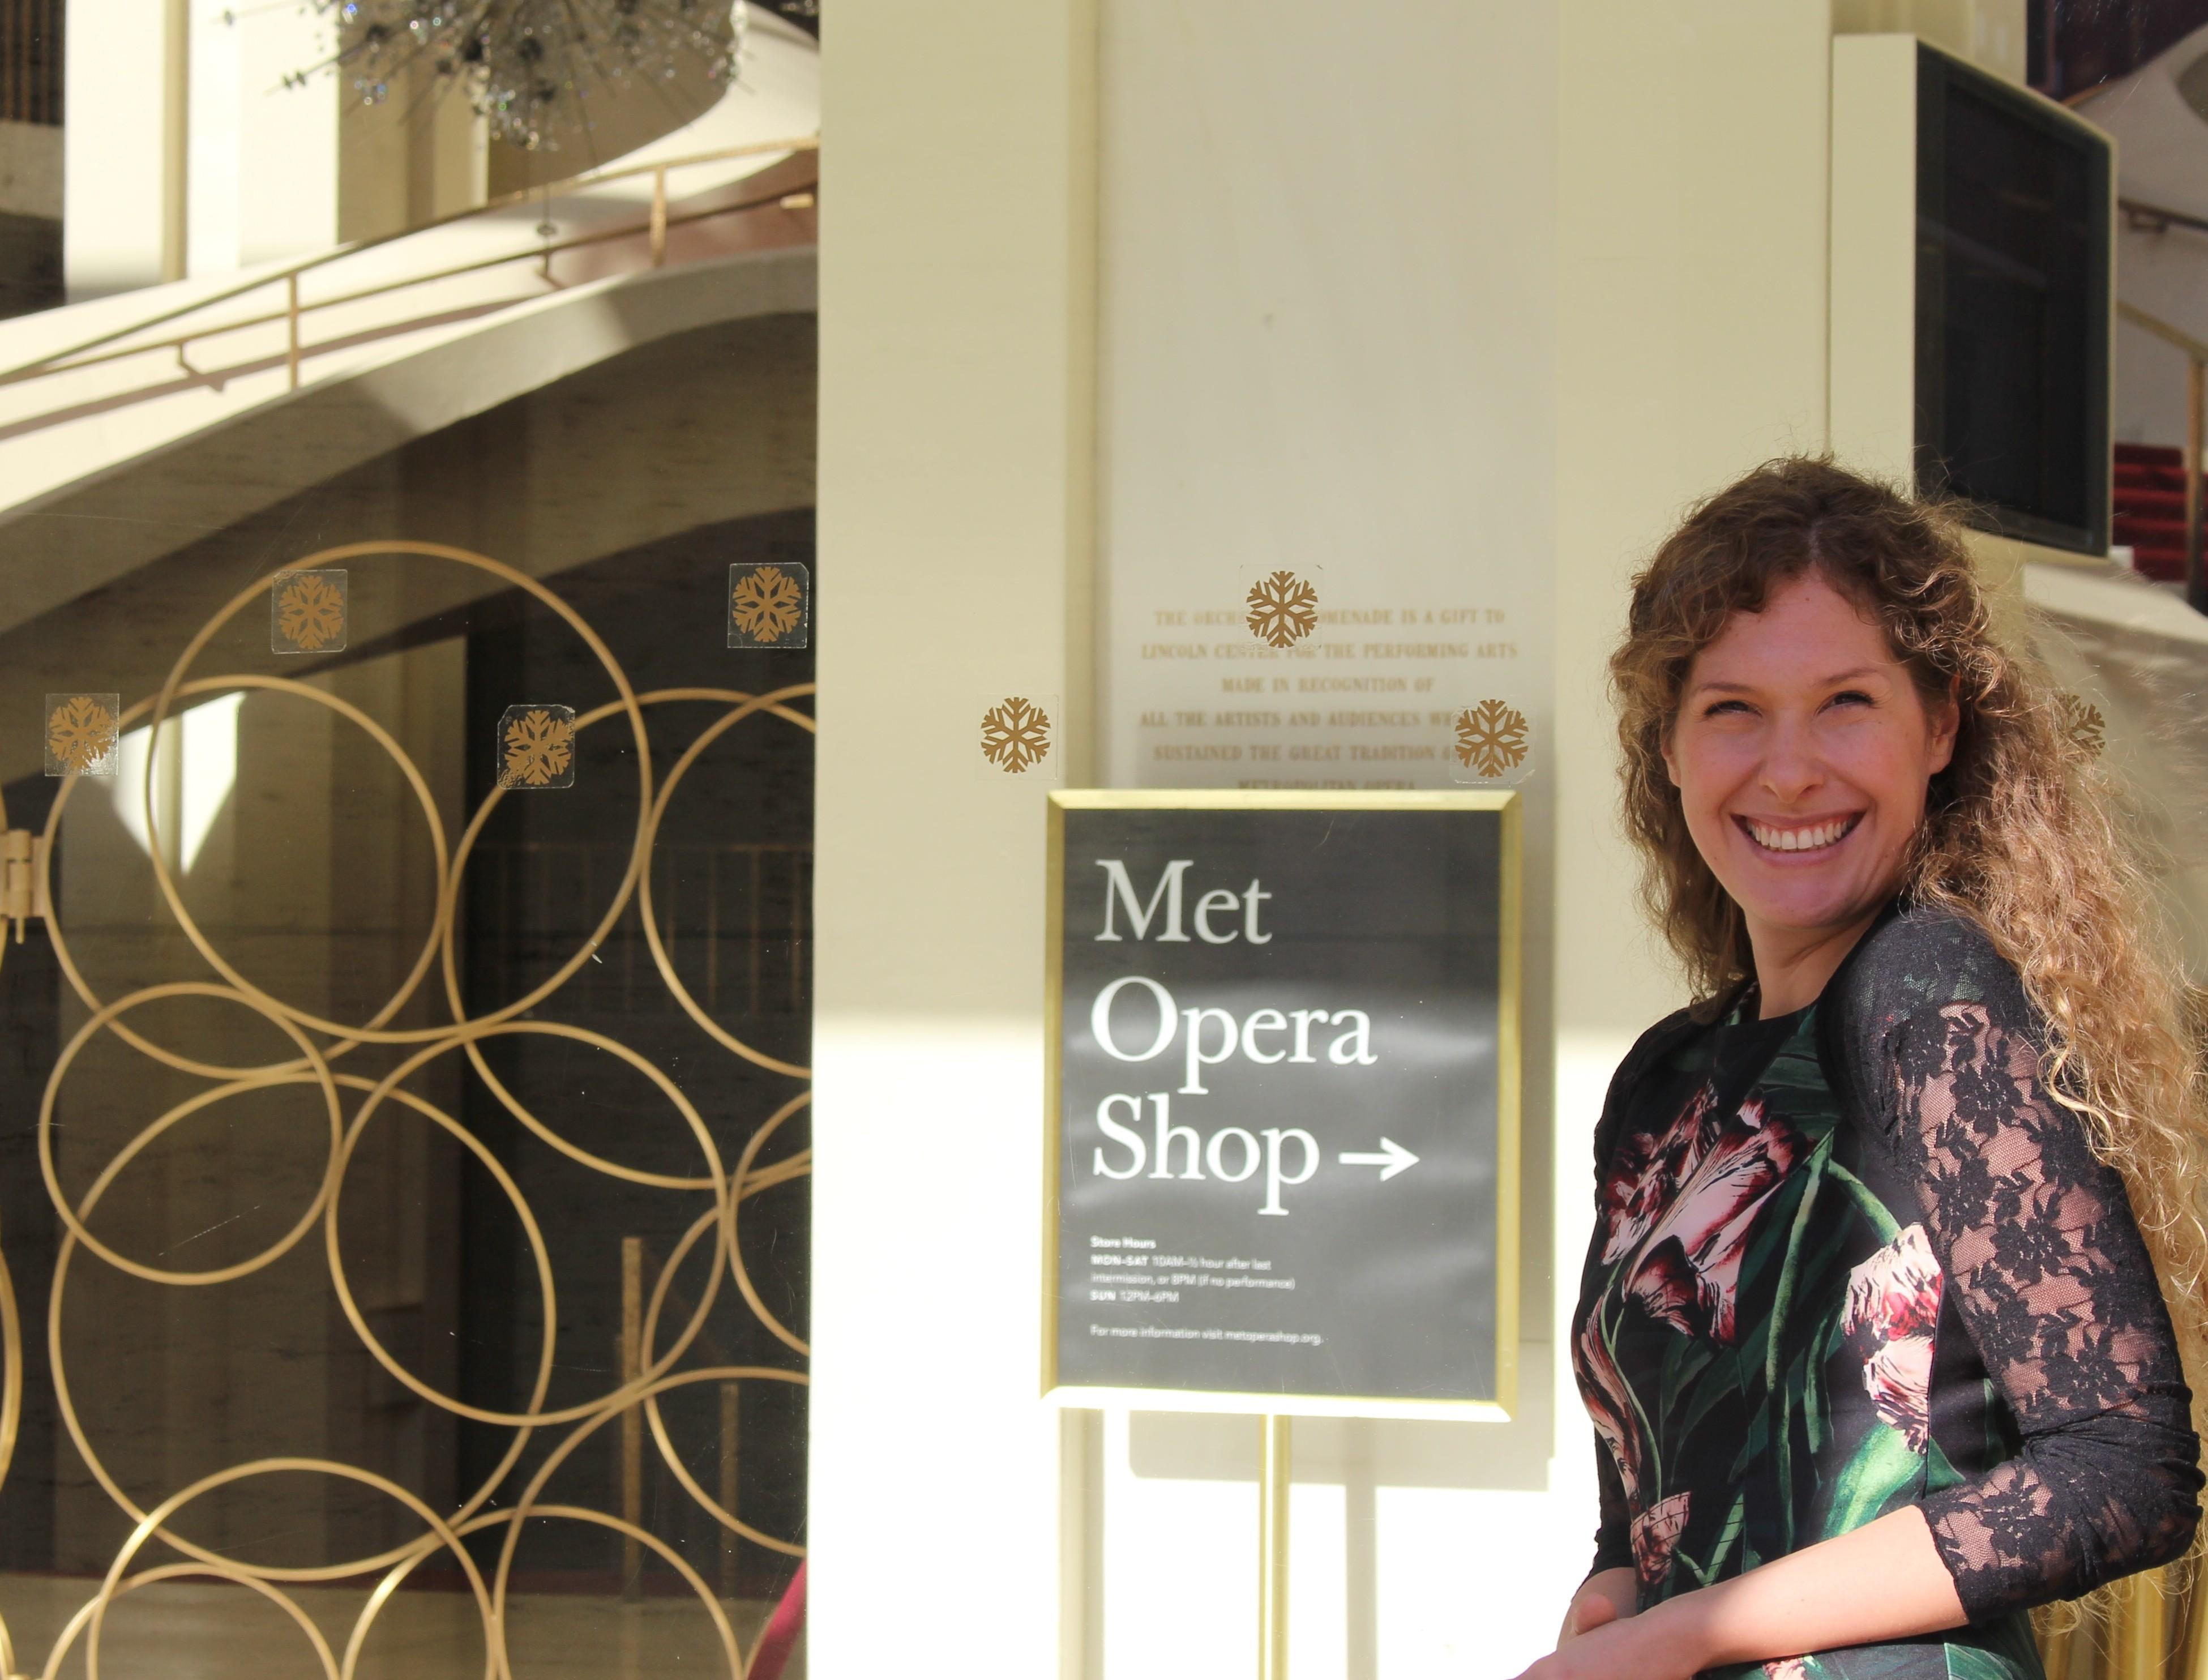 Opera Director Lotte de Beer